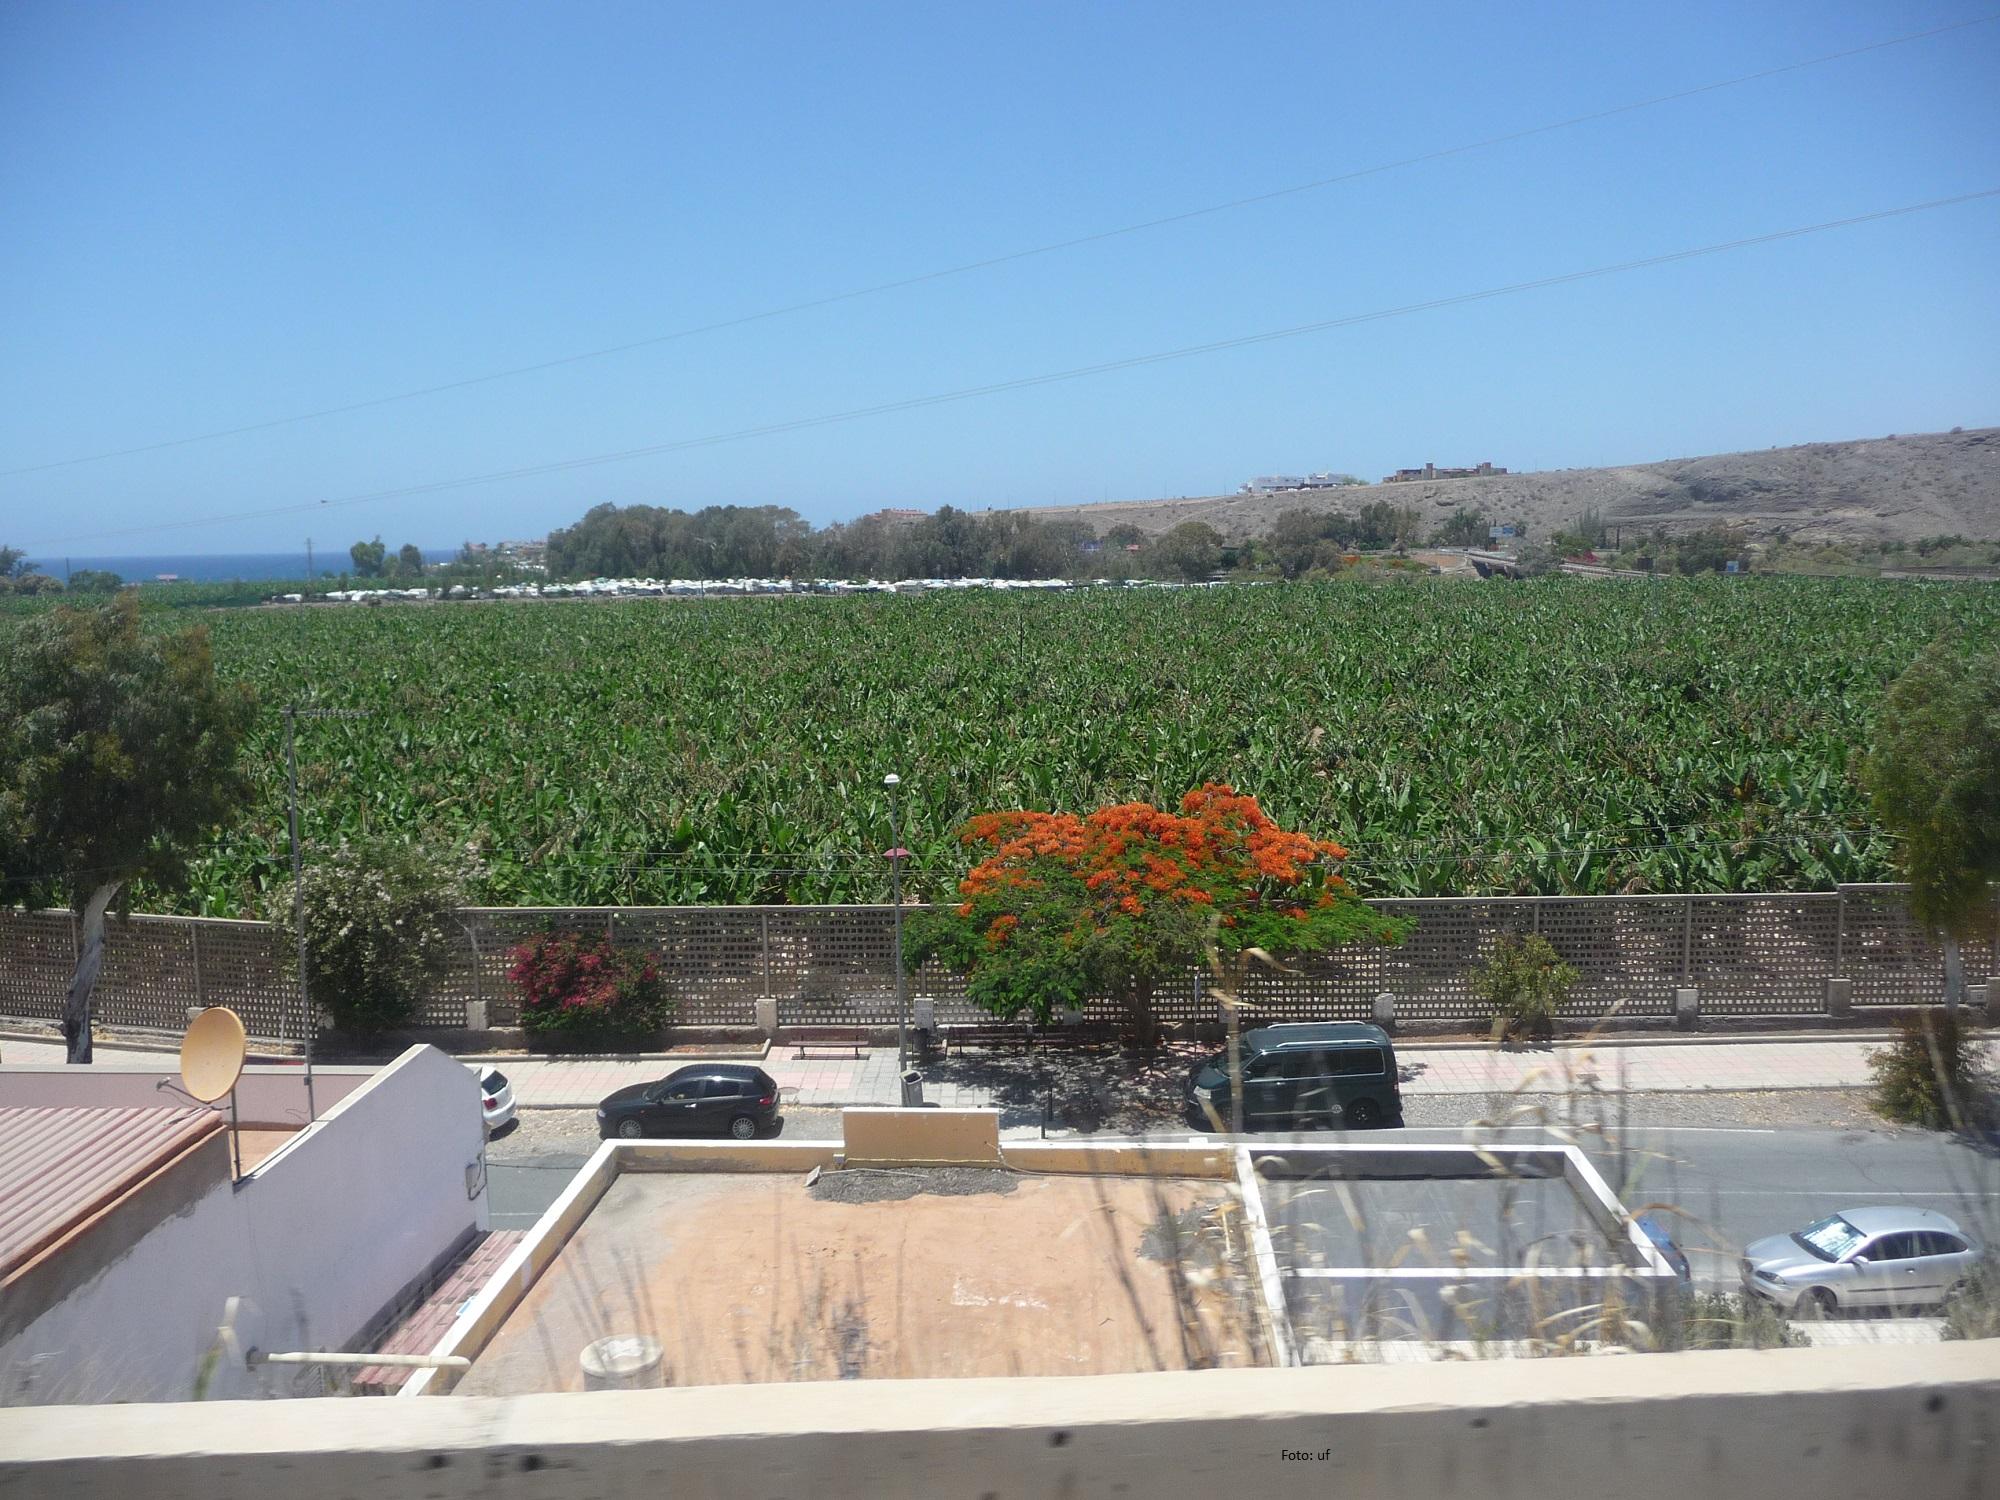 Auf Gran Canaria wird einiges angebaut: Avocados, Auberginen, Papayas, Mangos, Orangen, Zitronen... hier ein Blick auf eine Bananenplantage